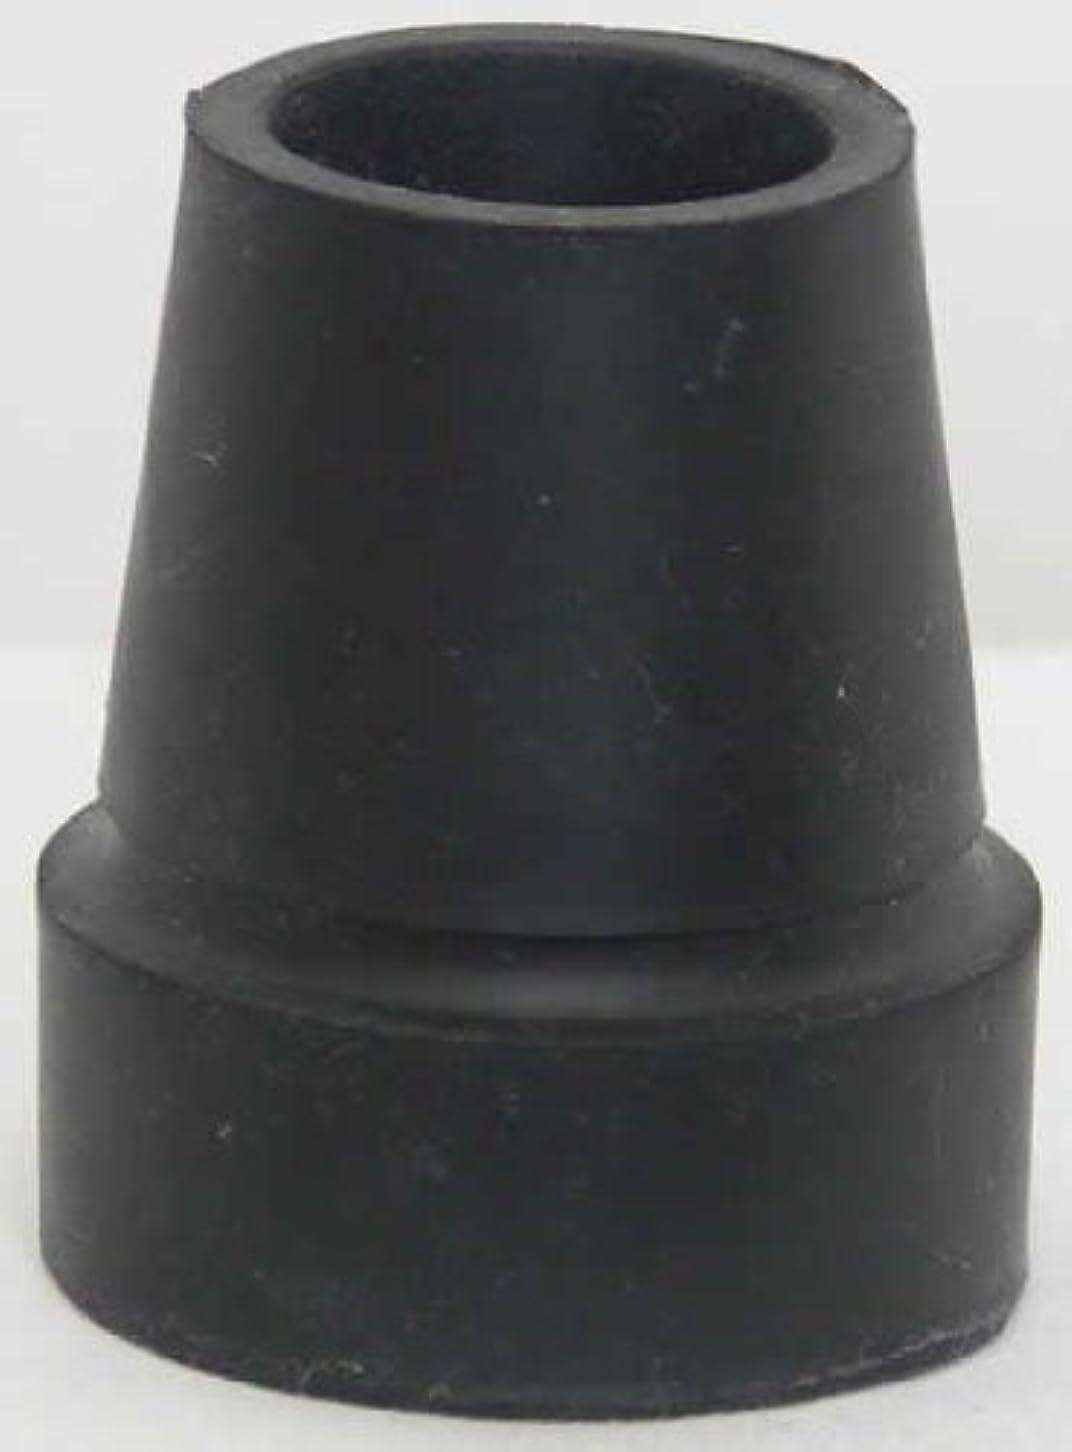 迫害ハードリング窒素ハンディステッキチェアー(伸縮自在式)用先ゴム(内径22mm)1個(送料込み。郵便で送付)